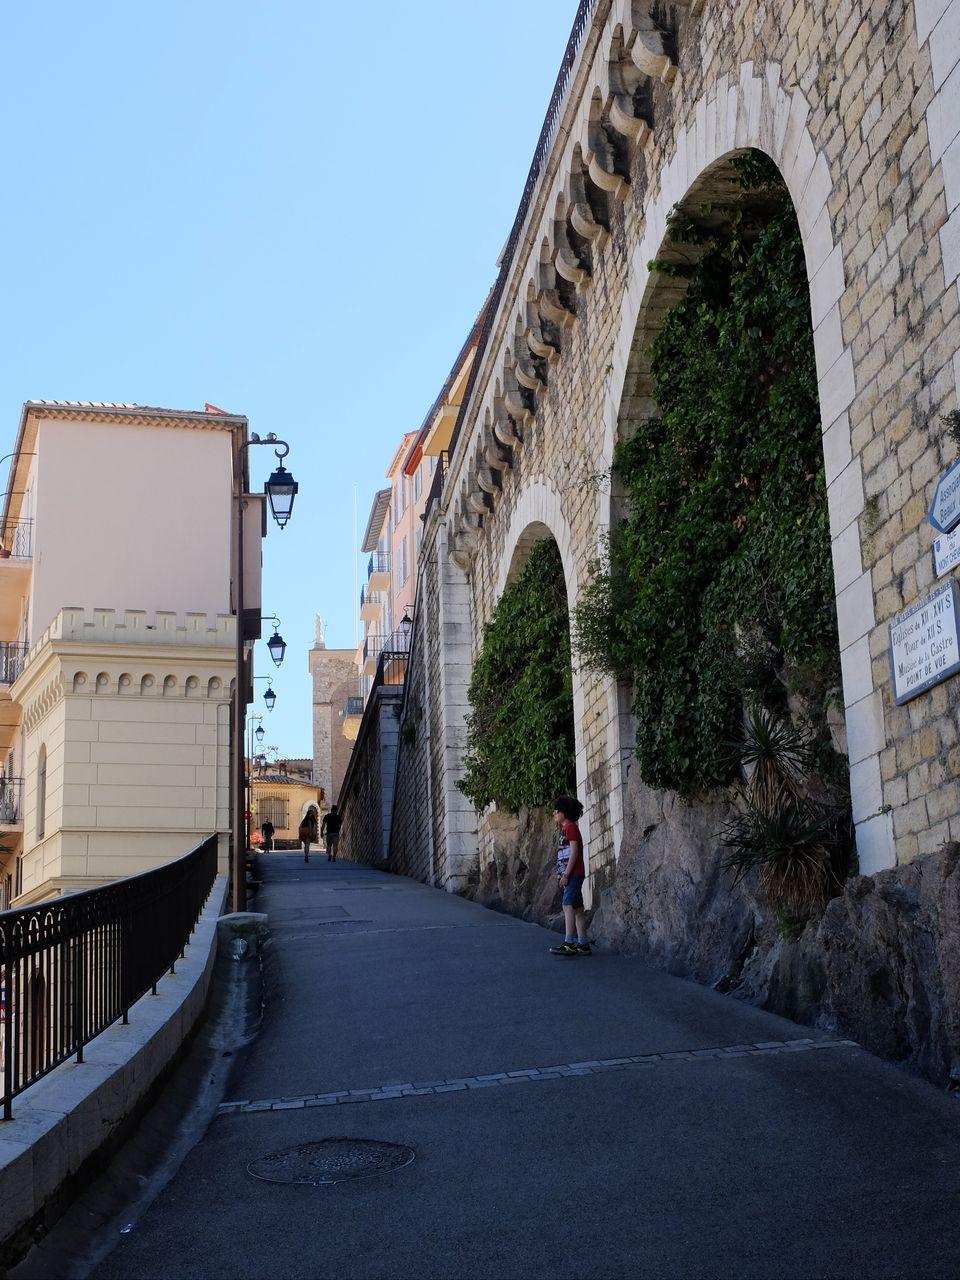 Le Suquet - Die Altstadt in Cannes